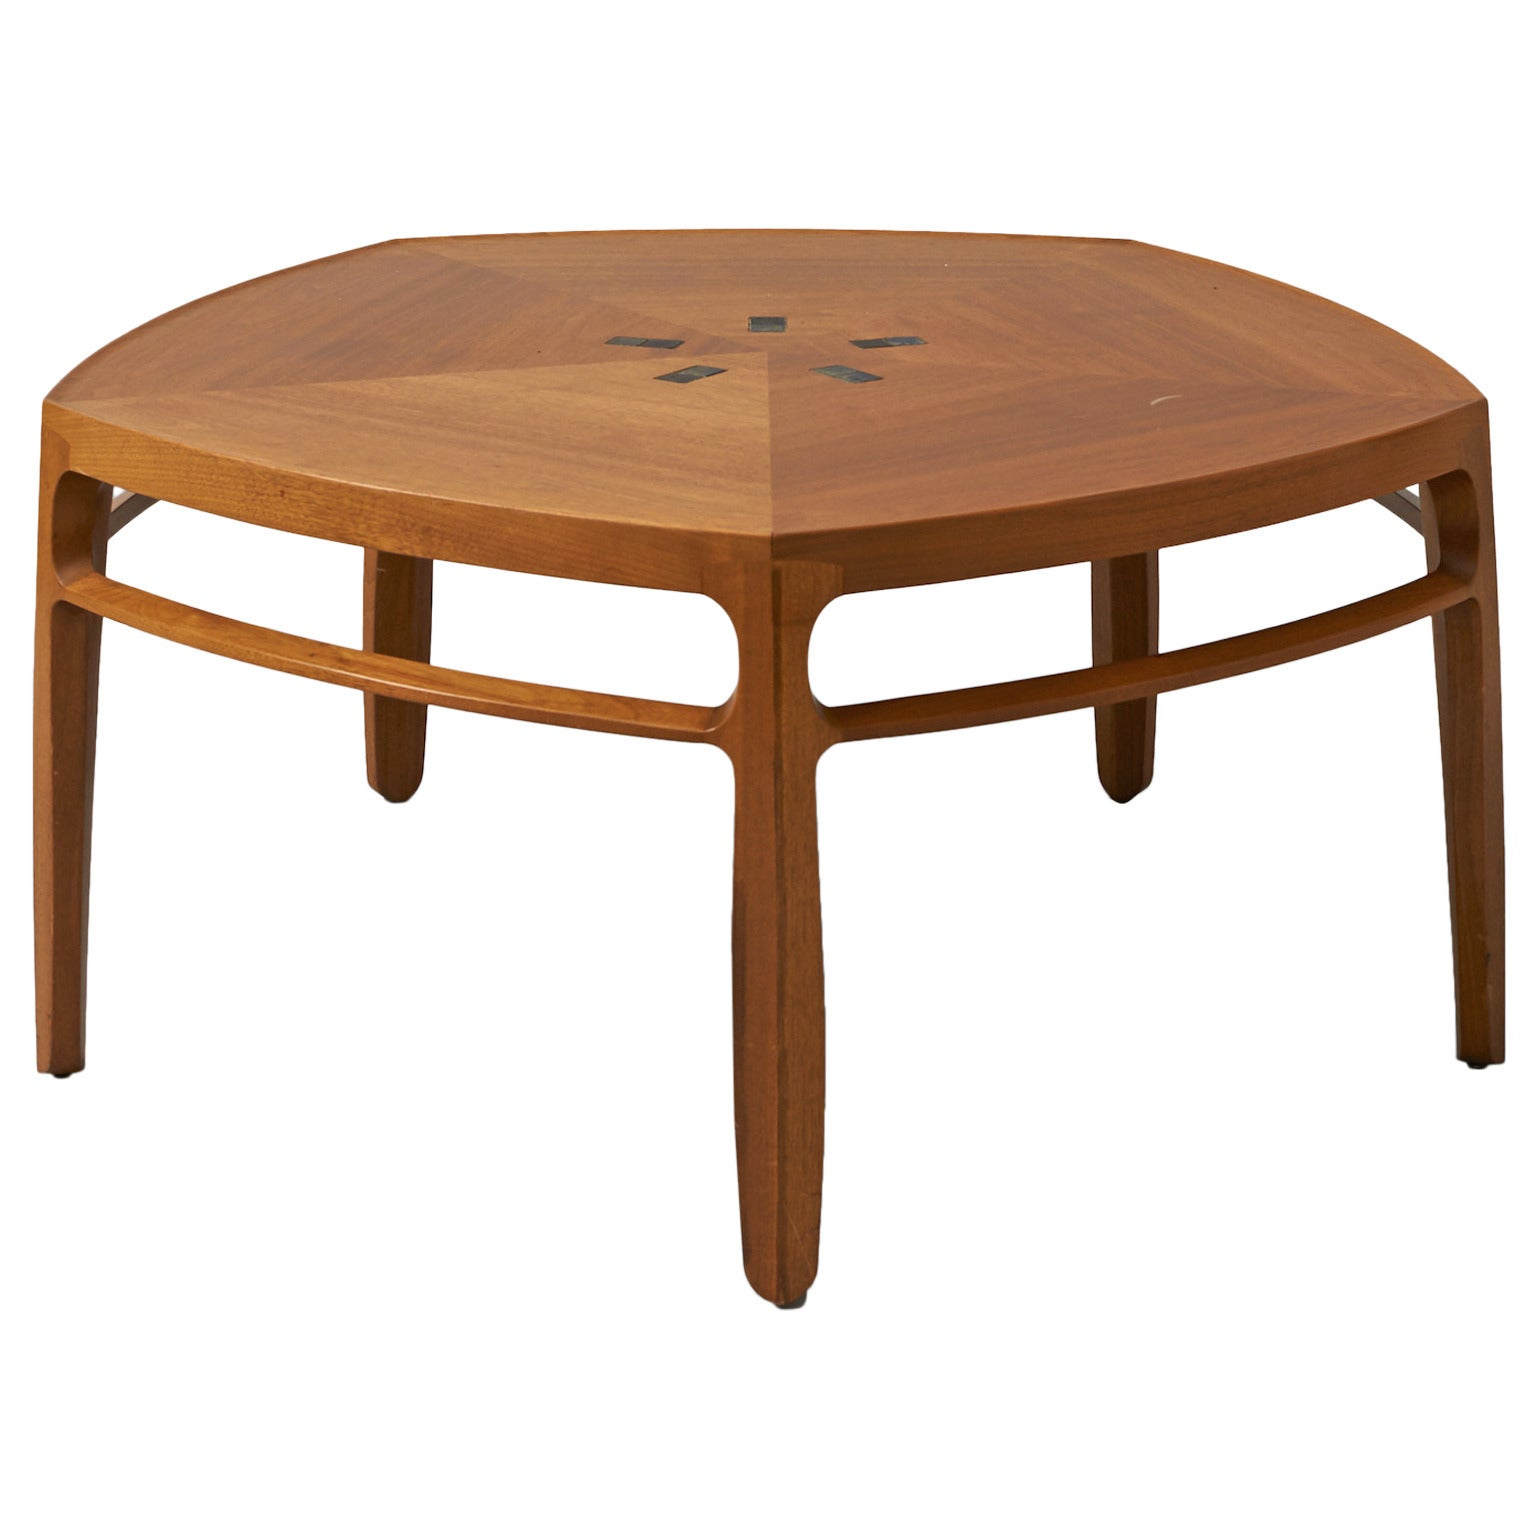 Edward Wormley, Pentagonal Coffee Table